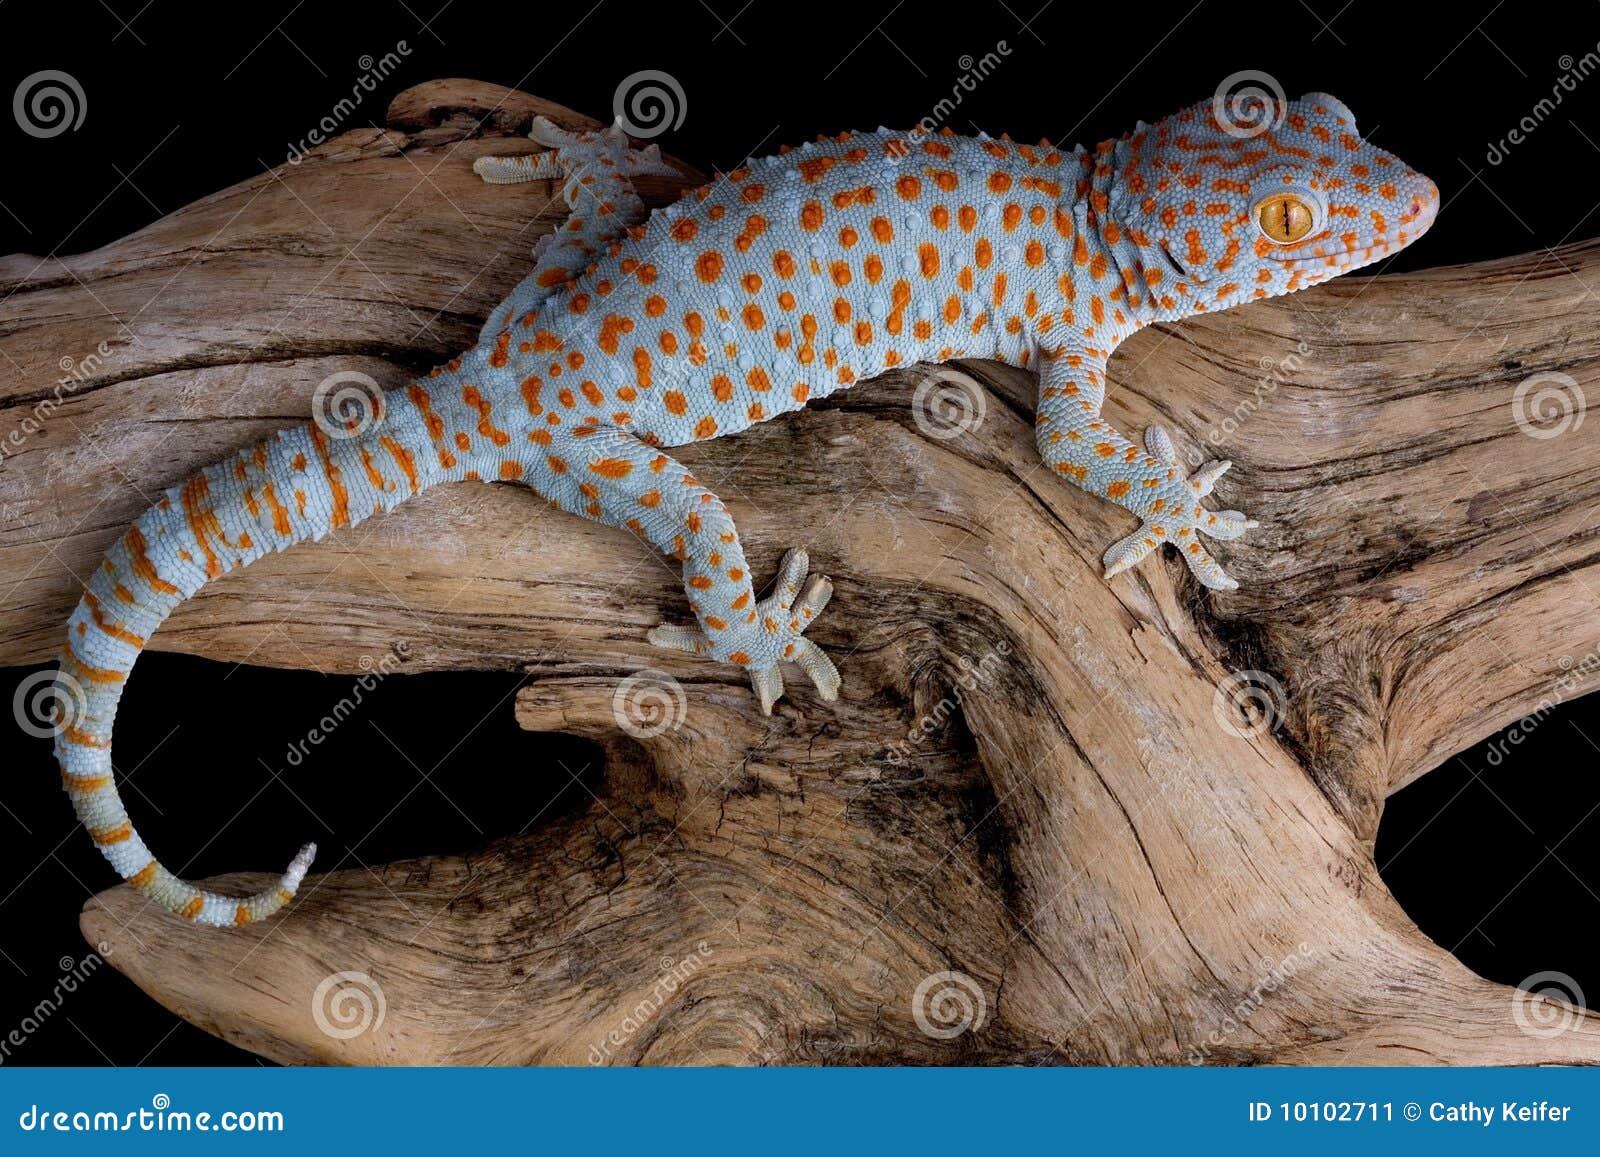 Gecko tokay de rampement